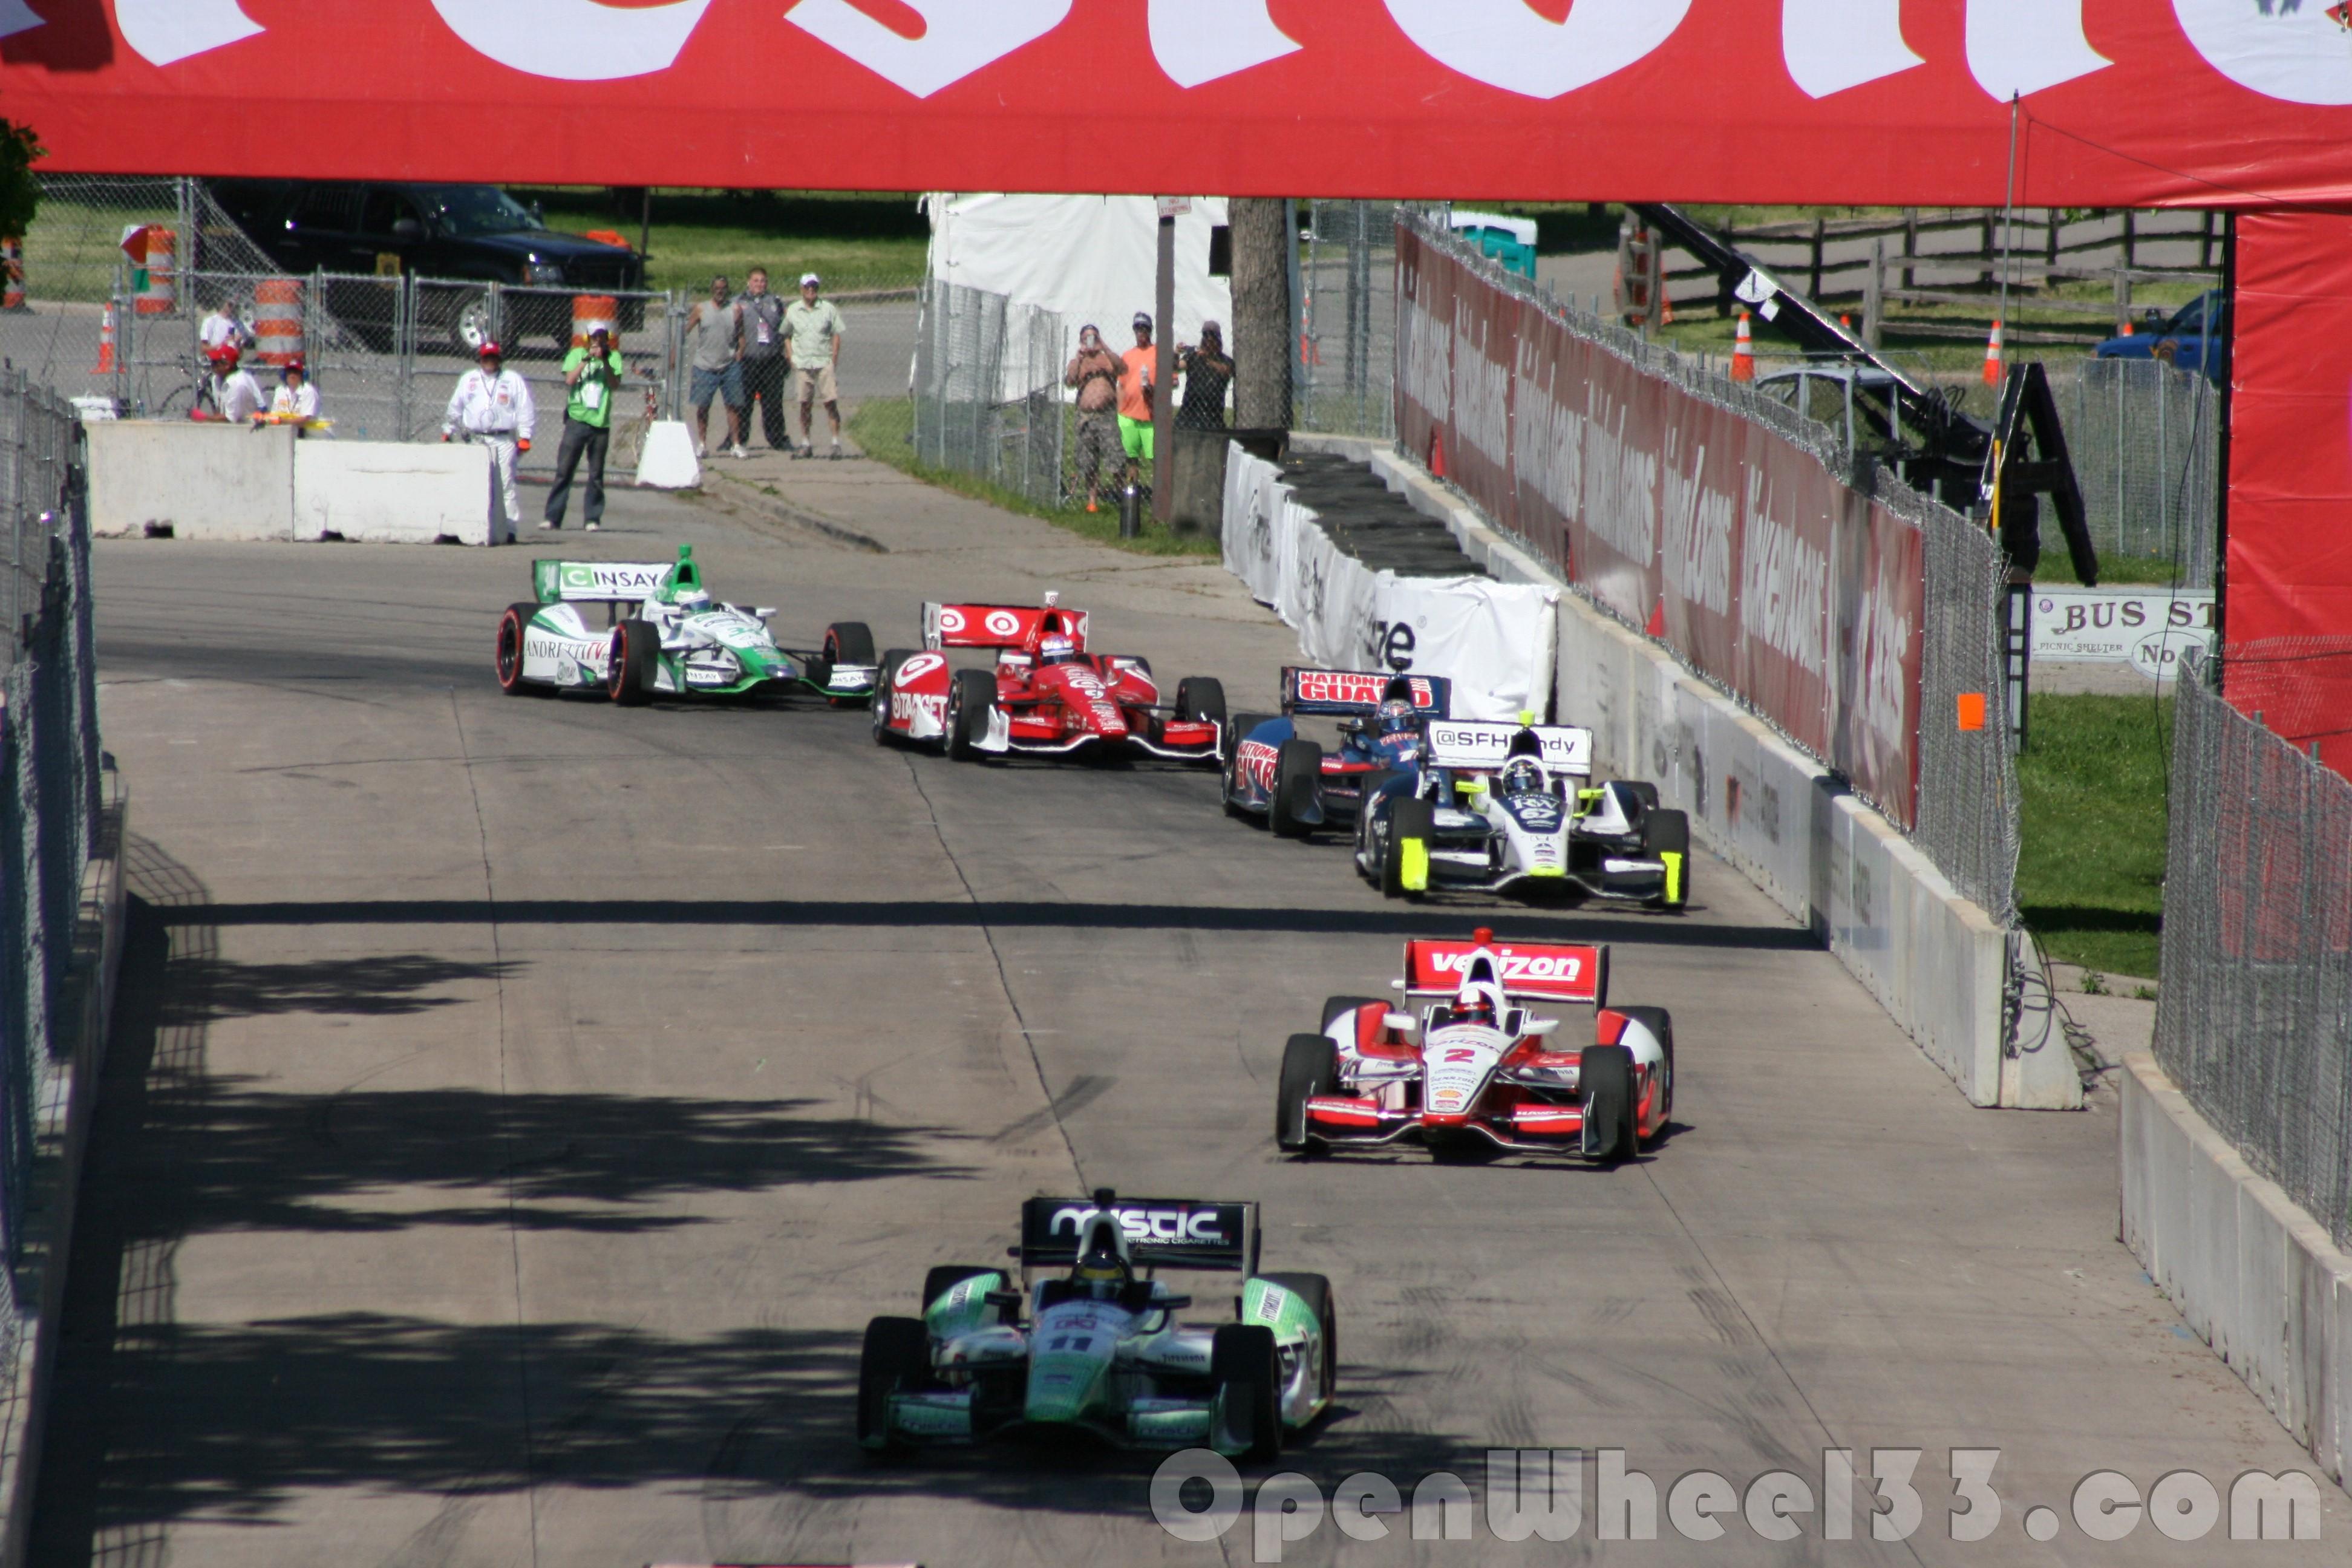 2014 Detroit GP R1 - 47 - PH